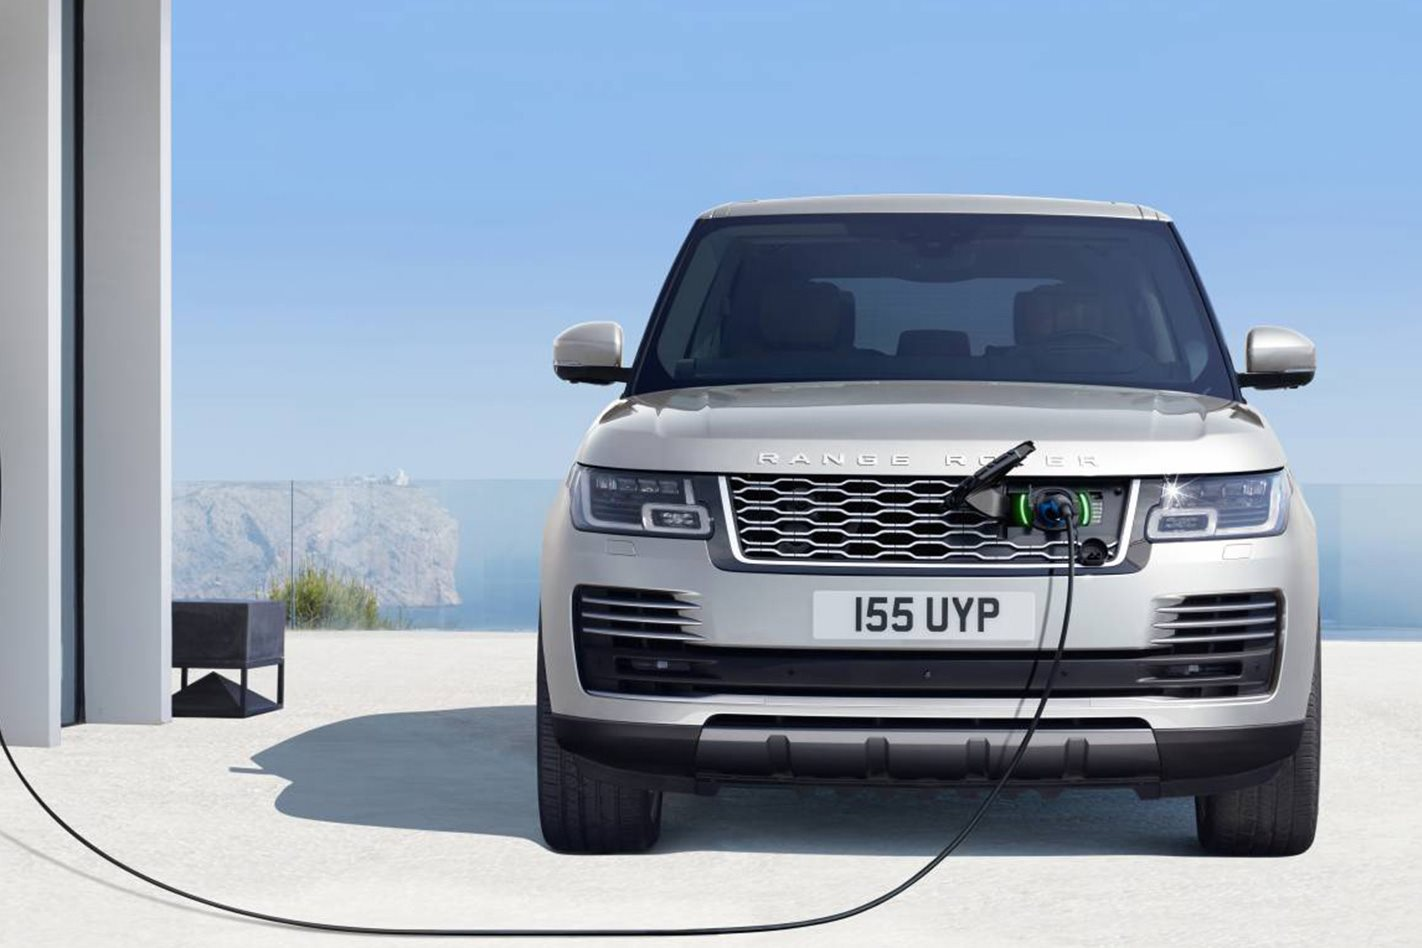 2018-Range-Rover Hybrid